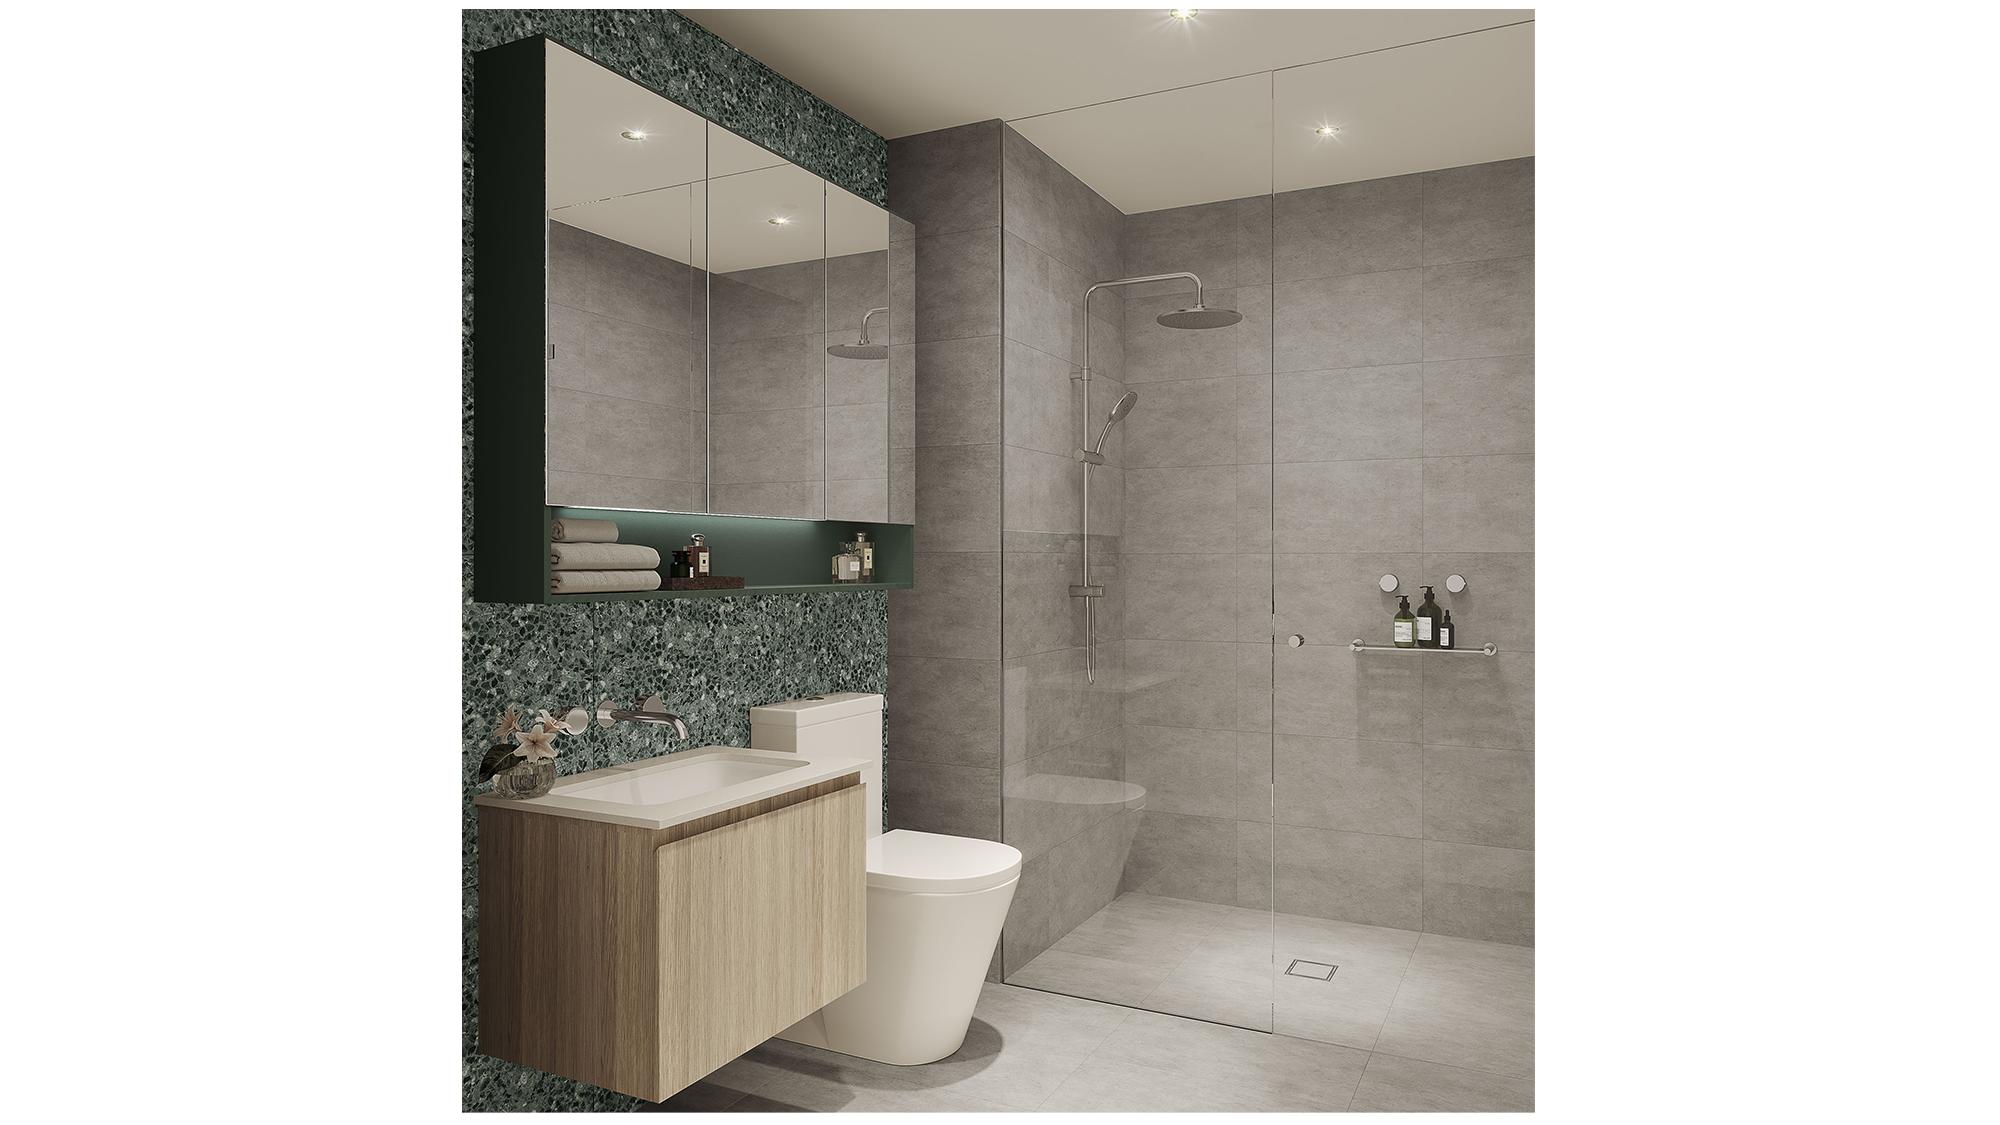 Bathroom spring scheme